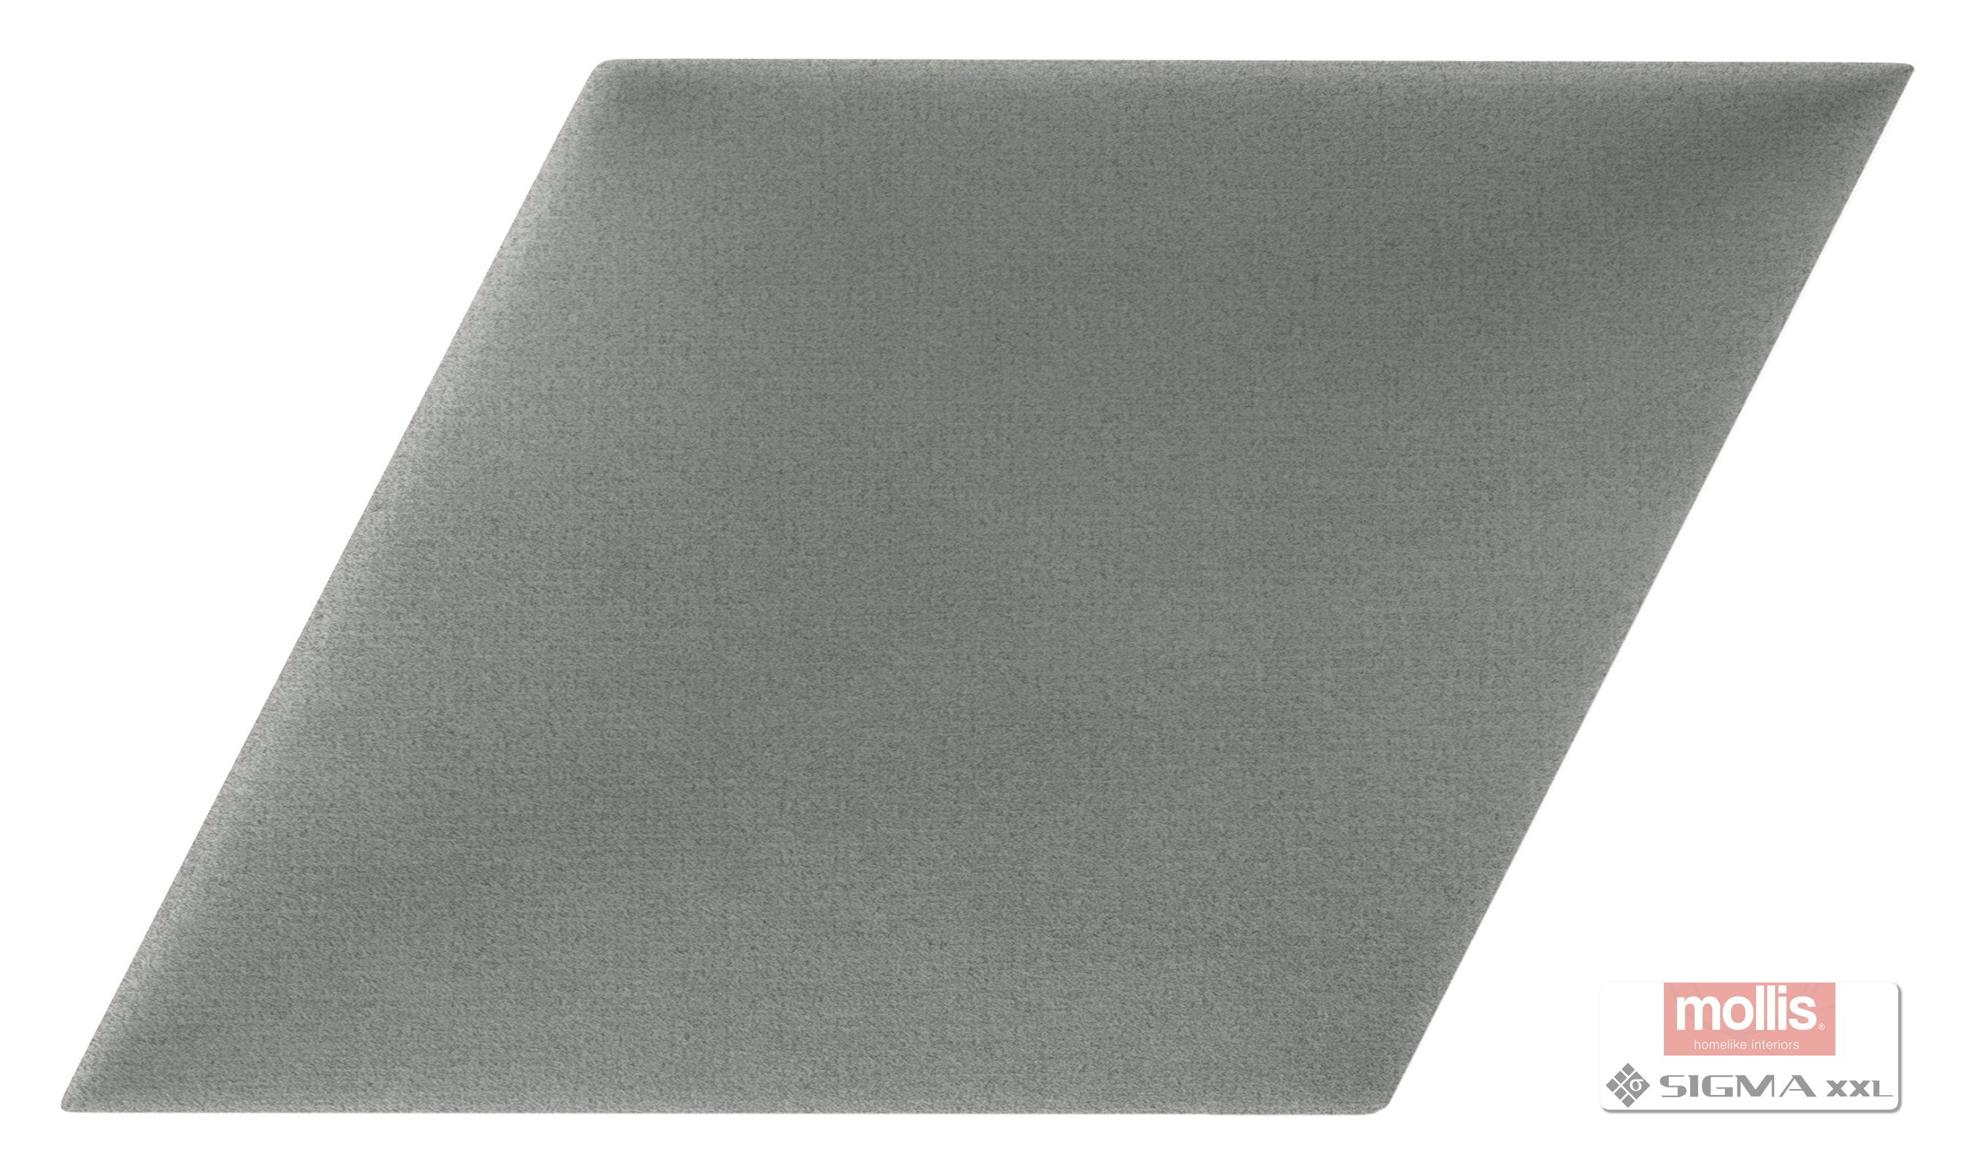 Imagine Mollis Abies 01 Grey Dust (Paralelogram A - 30x30 cm)